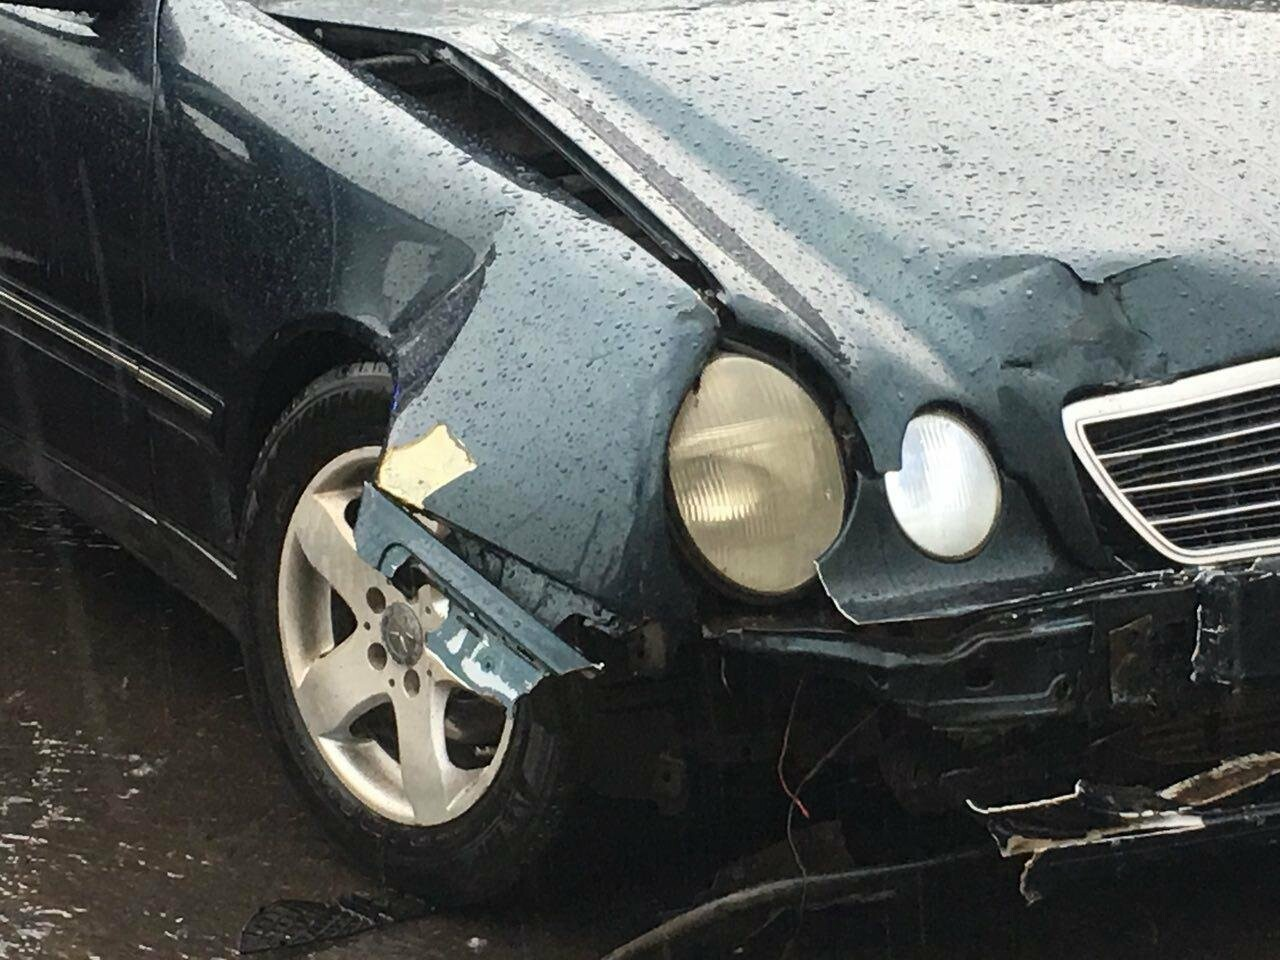 В Кривом Роге под дождем на перекрестке столкнулись иномарка и ВАЗ, - ФОТО, фото-6